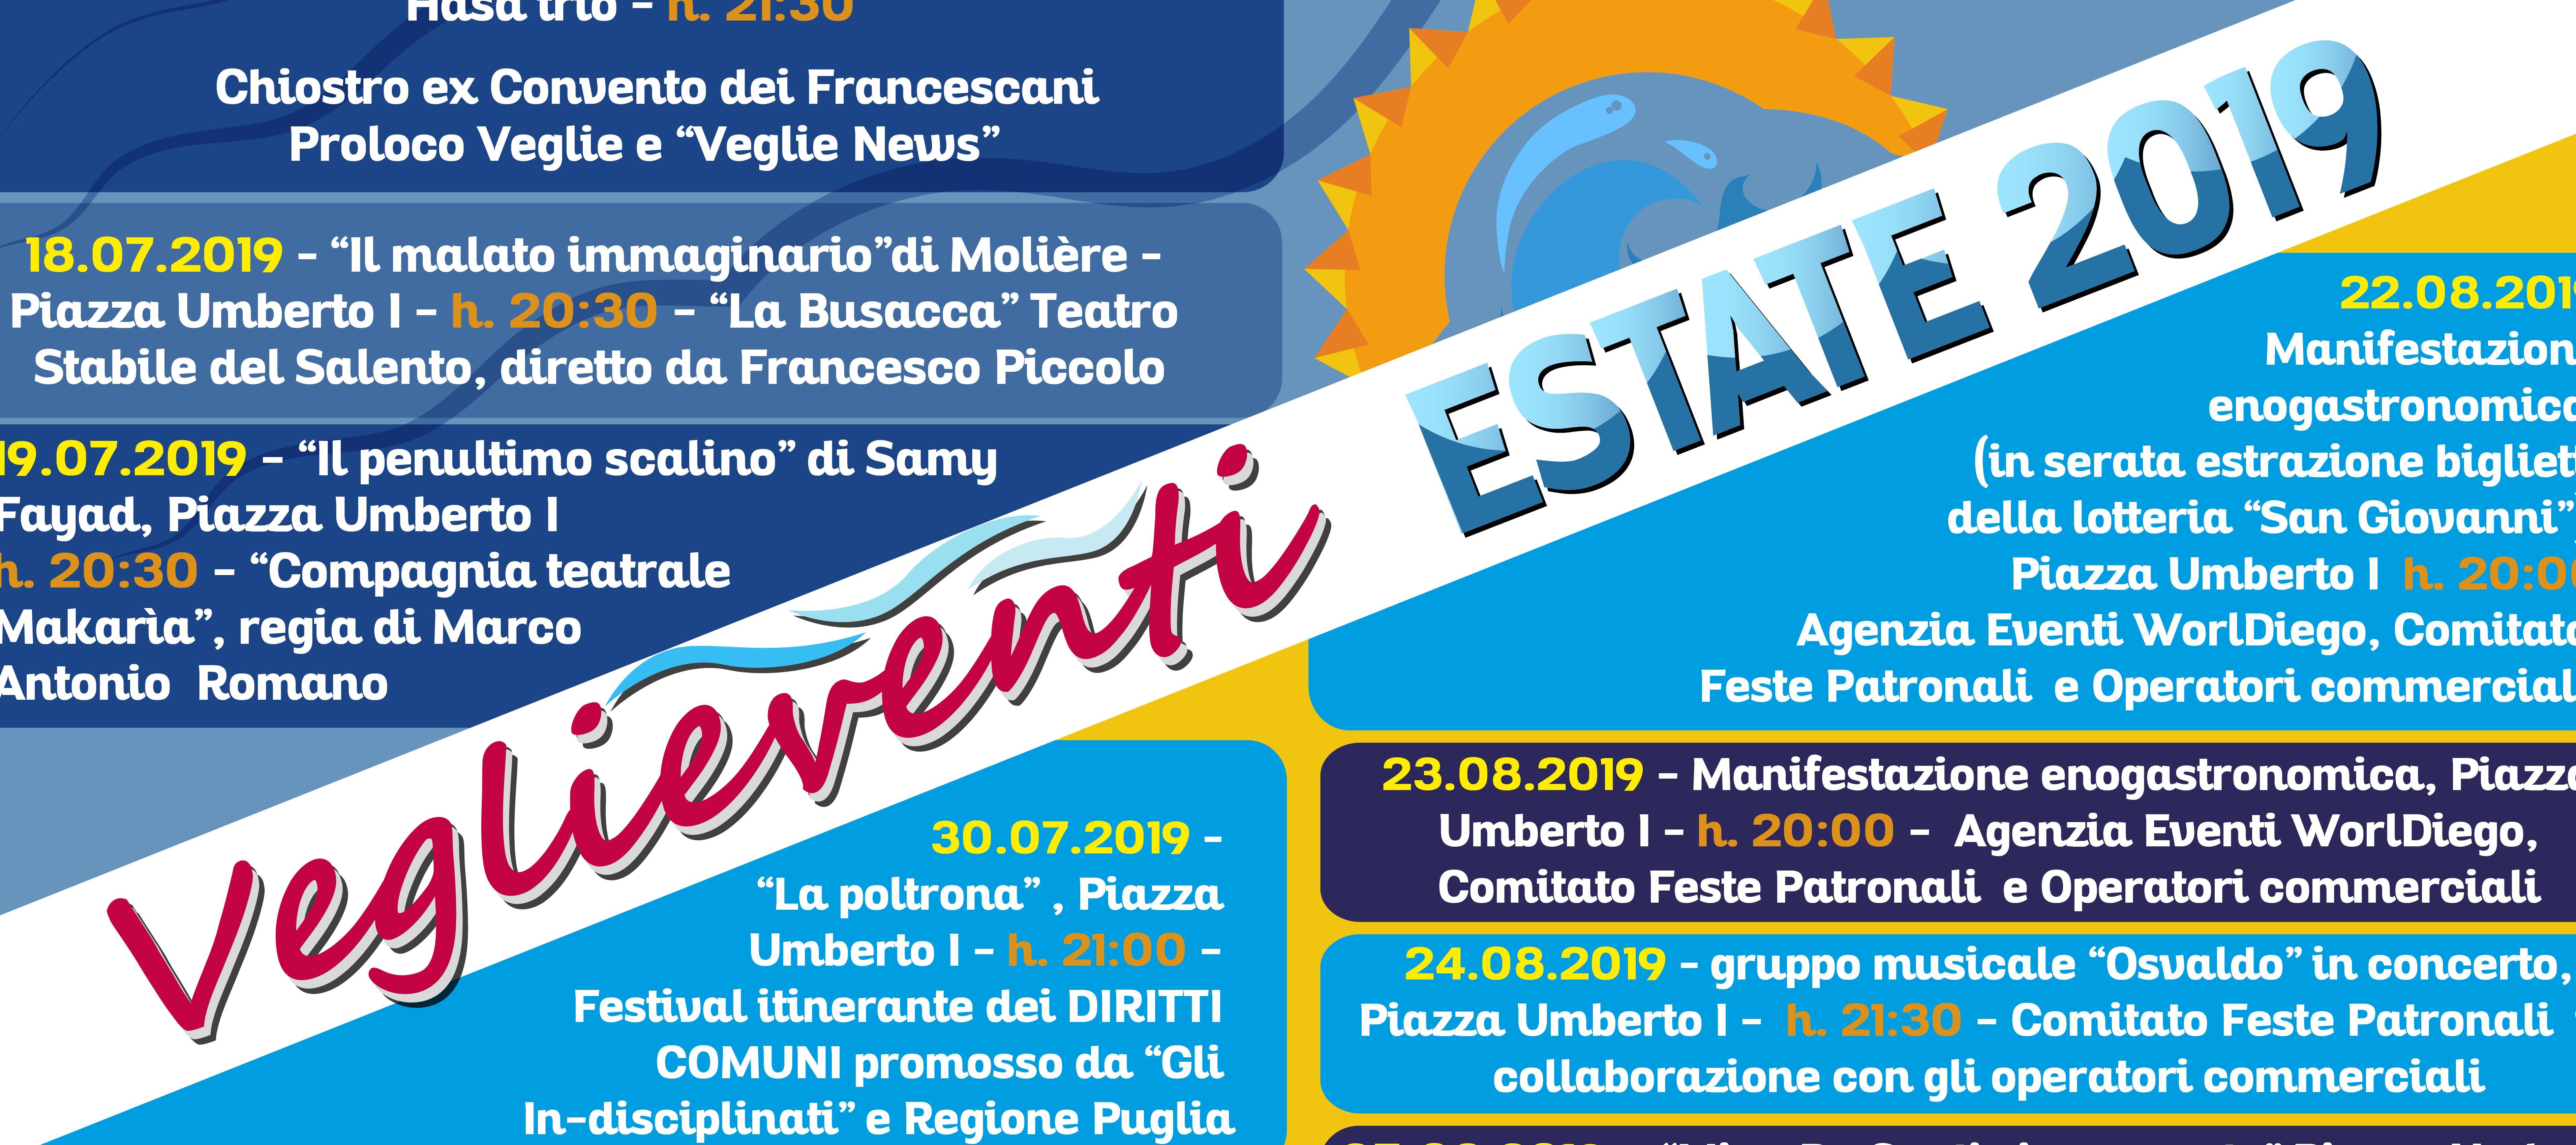 Calendario Feste Patronali Puglia.Controvoci 2 0 Calendario Veglieventi 2019 Tutti Gli